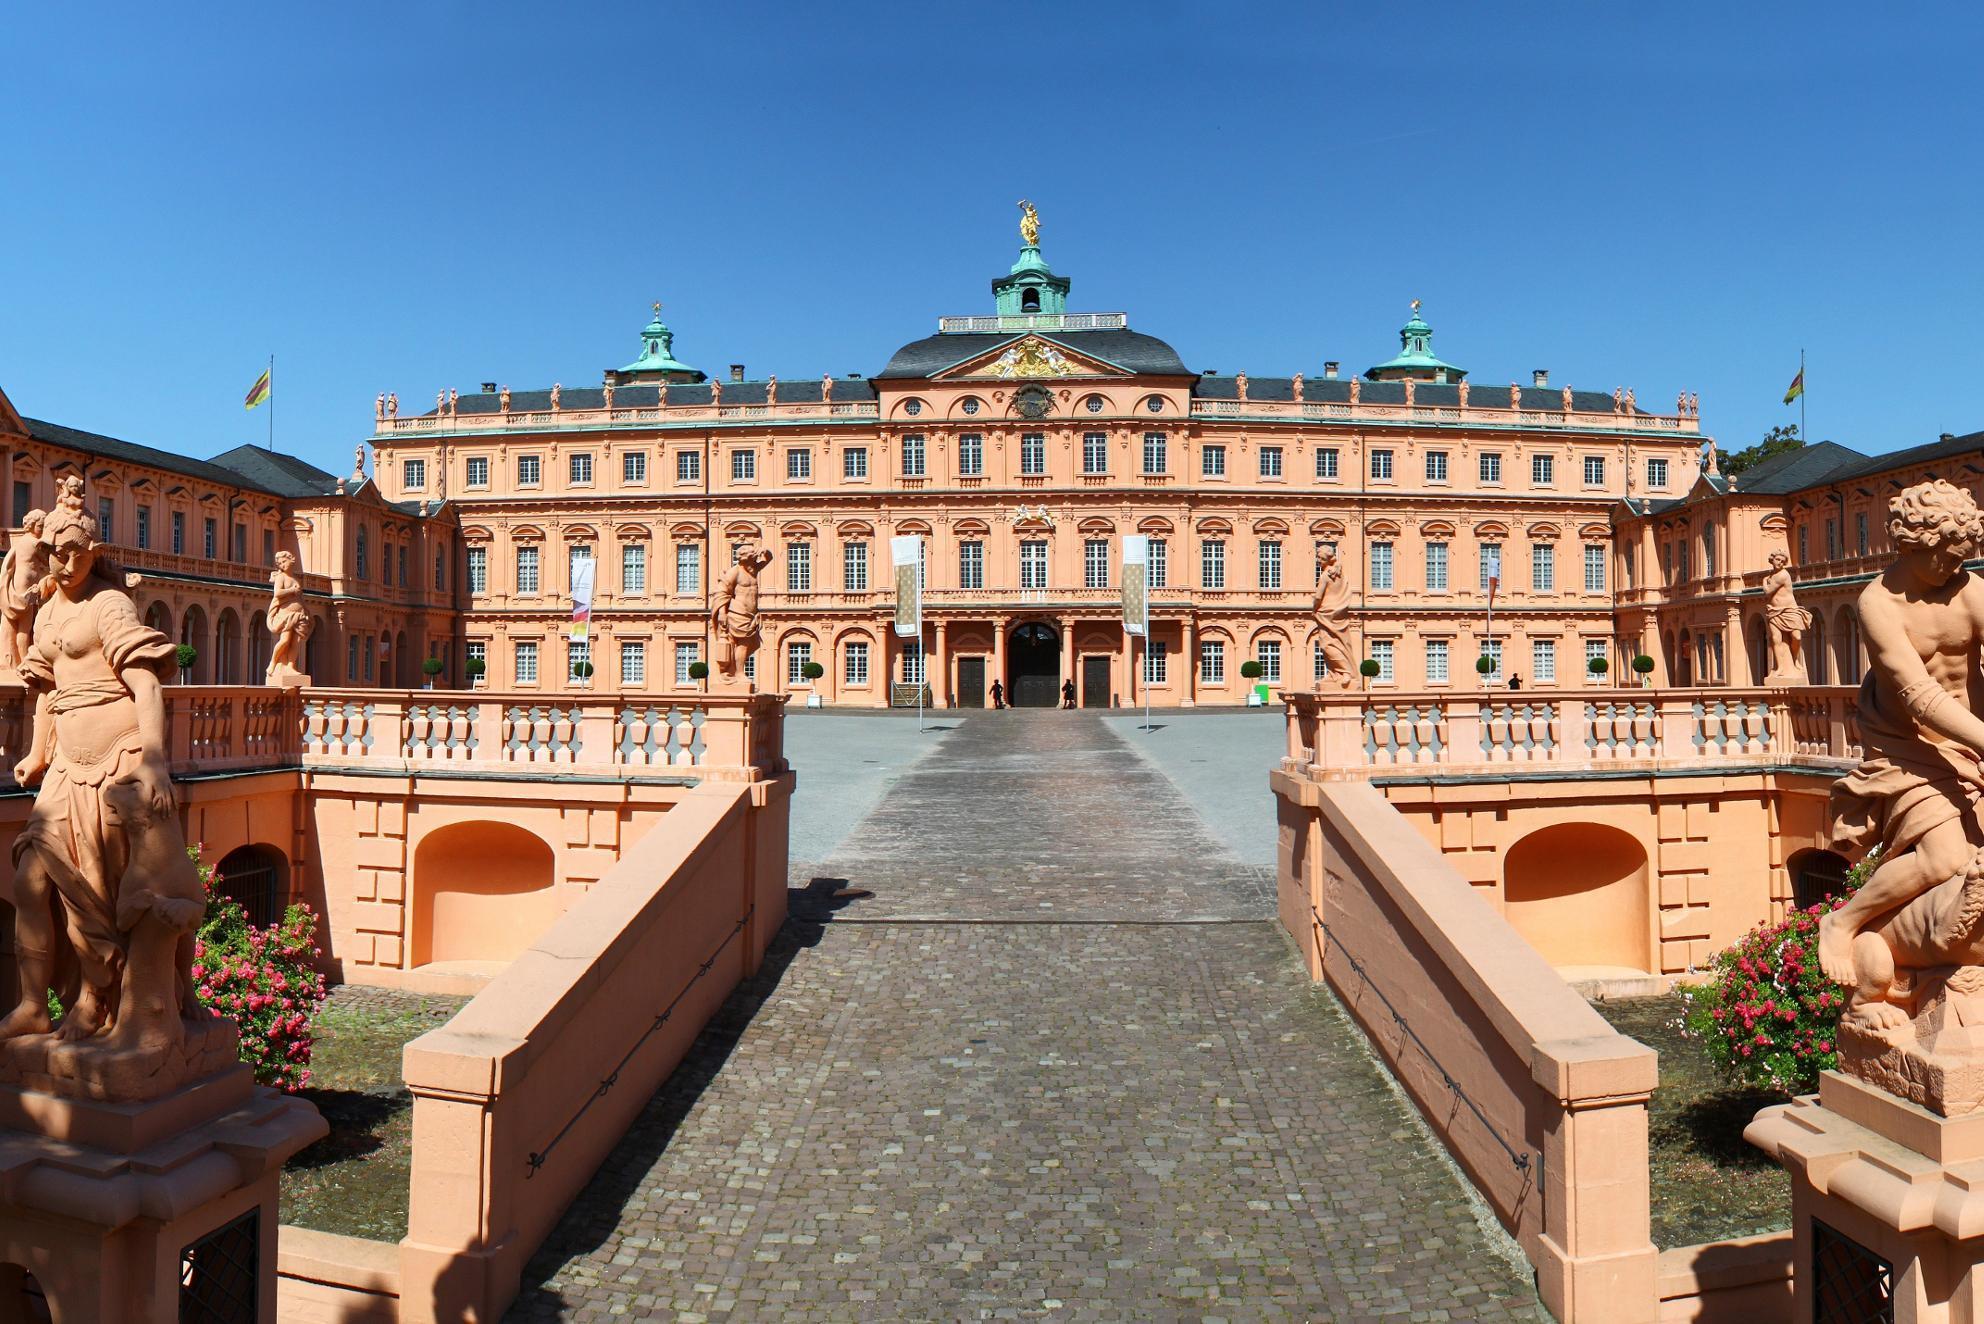 Château résidentiel de Rastatt, escalier menant à la cour d'honneur; l'image: Aero-Südwest, Monika Schlangen